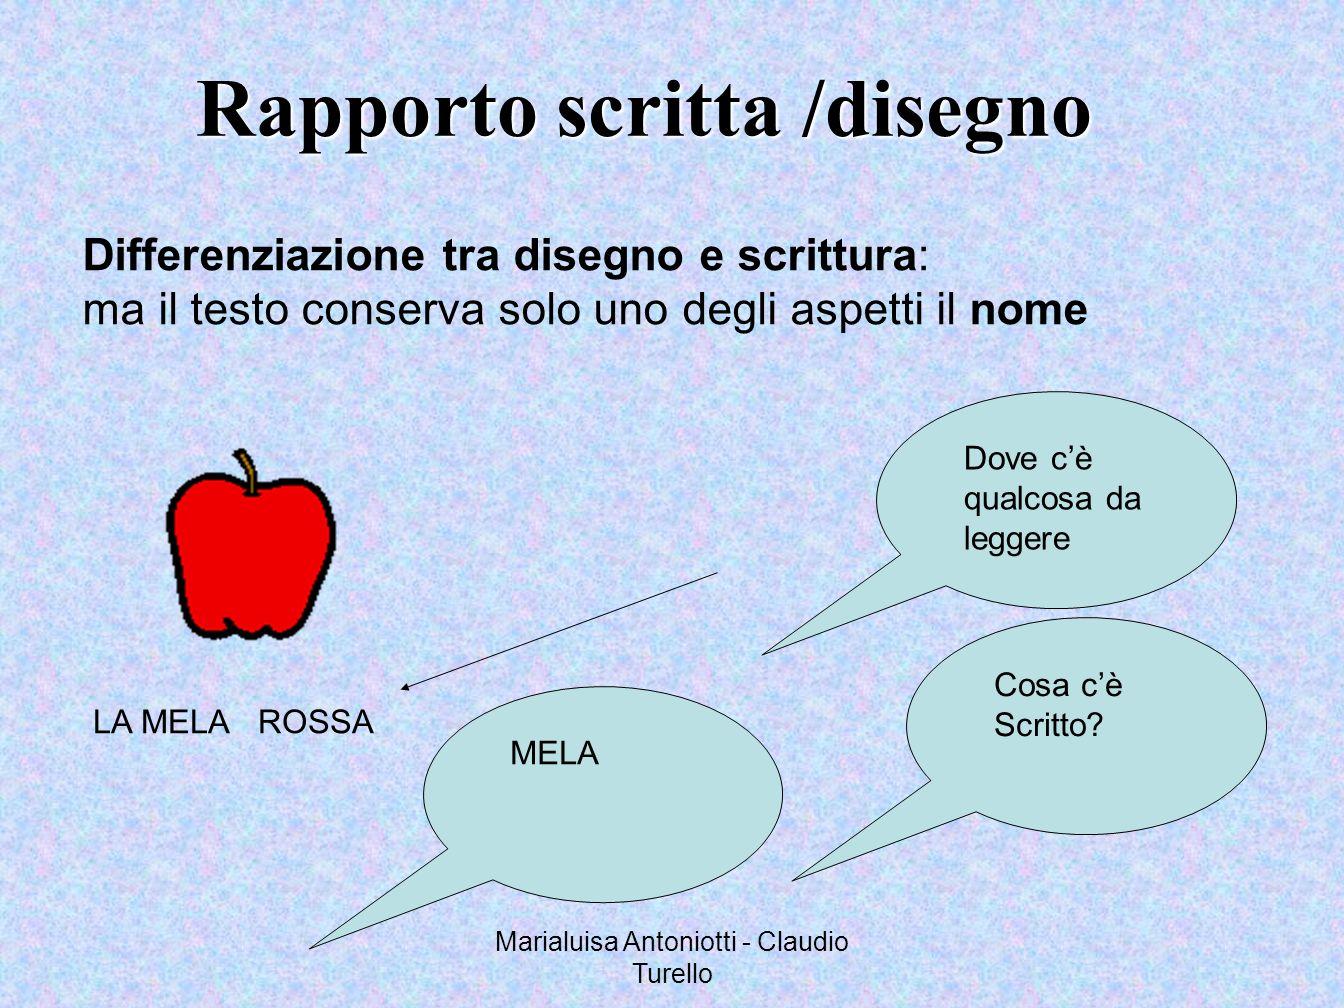 Marialuisa Antoniotti - Claudio Turello Differenziazione tra disegno e scrittura: ma il testo conserva solo uno degli aspetti il nome Rapporto scritta